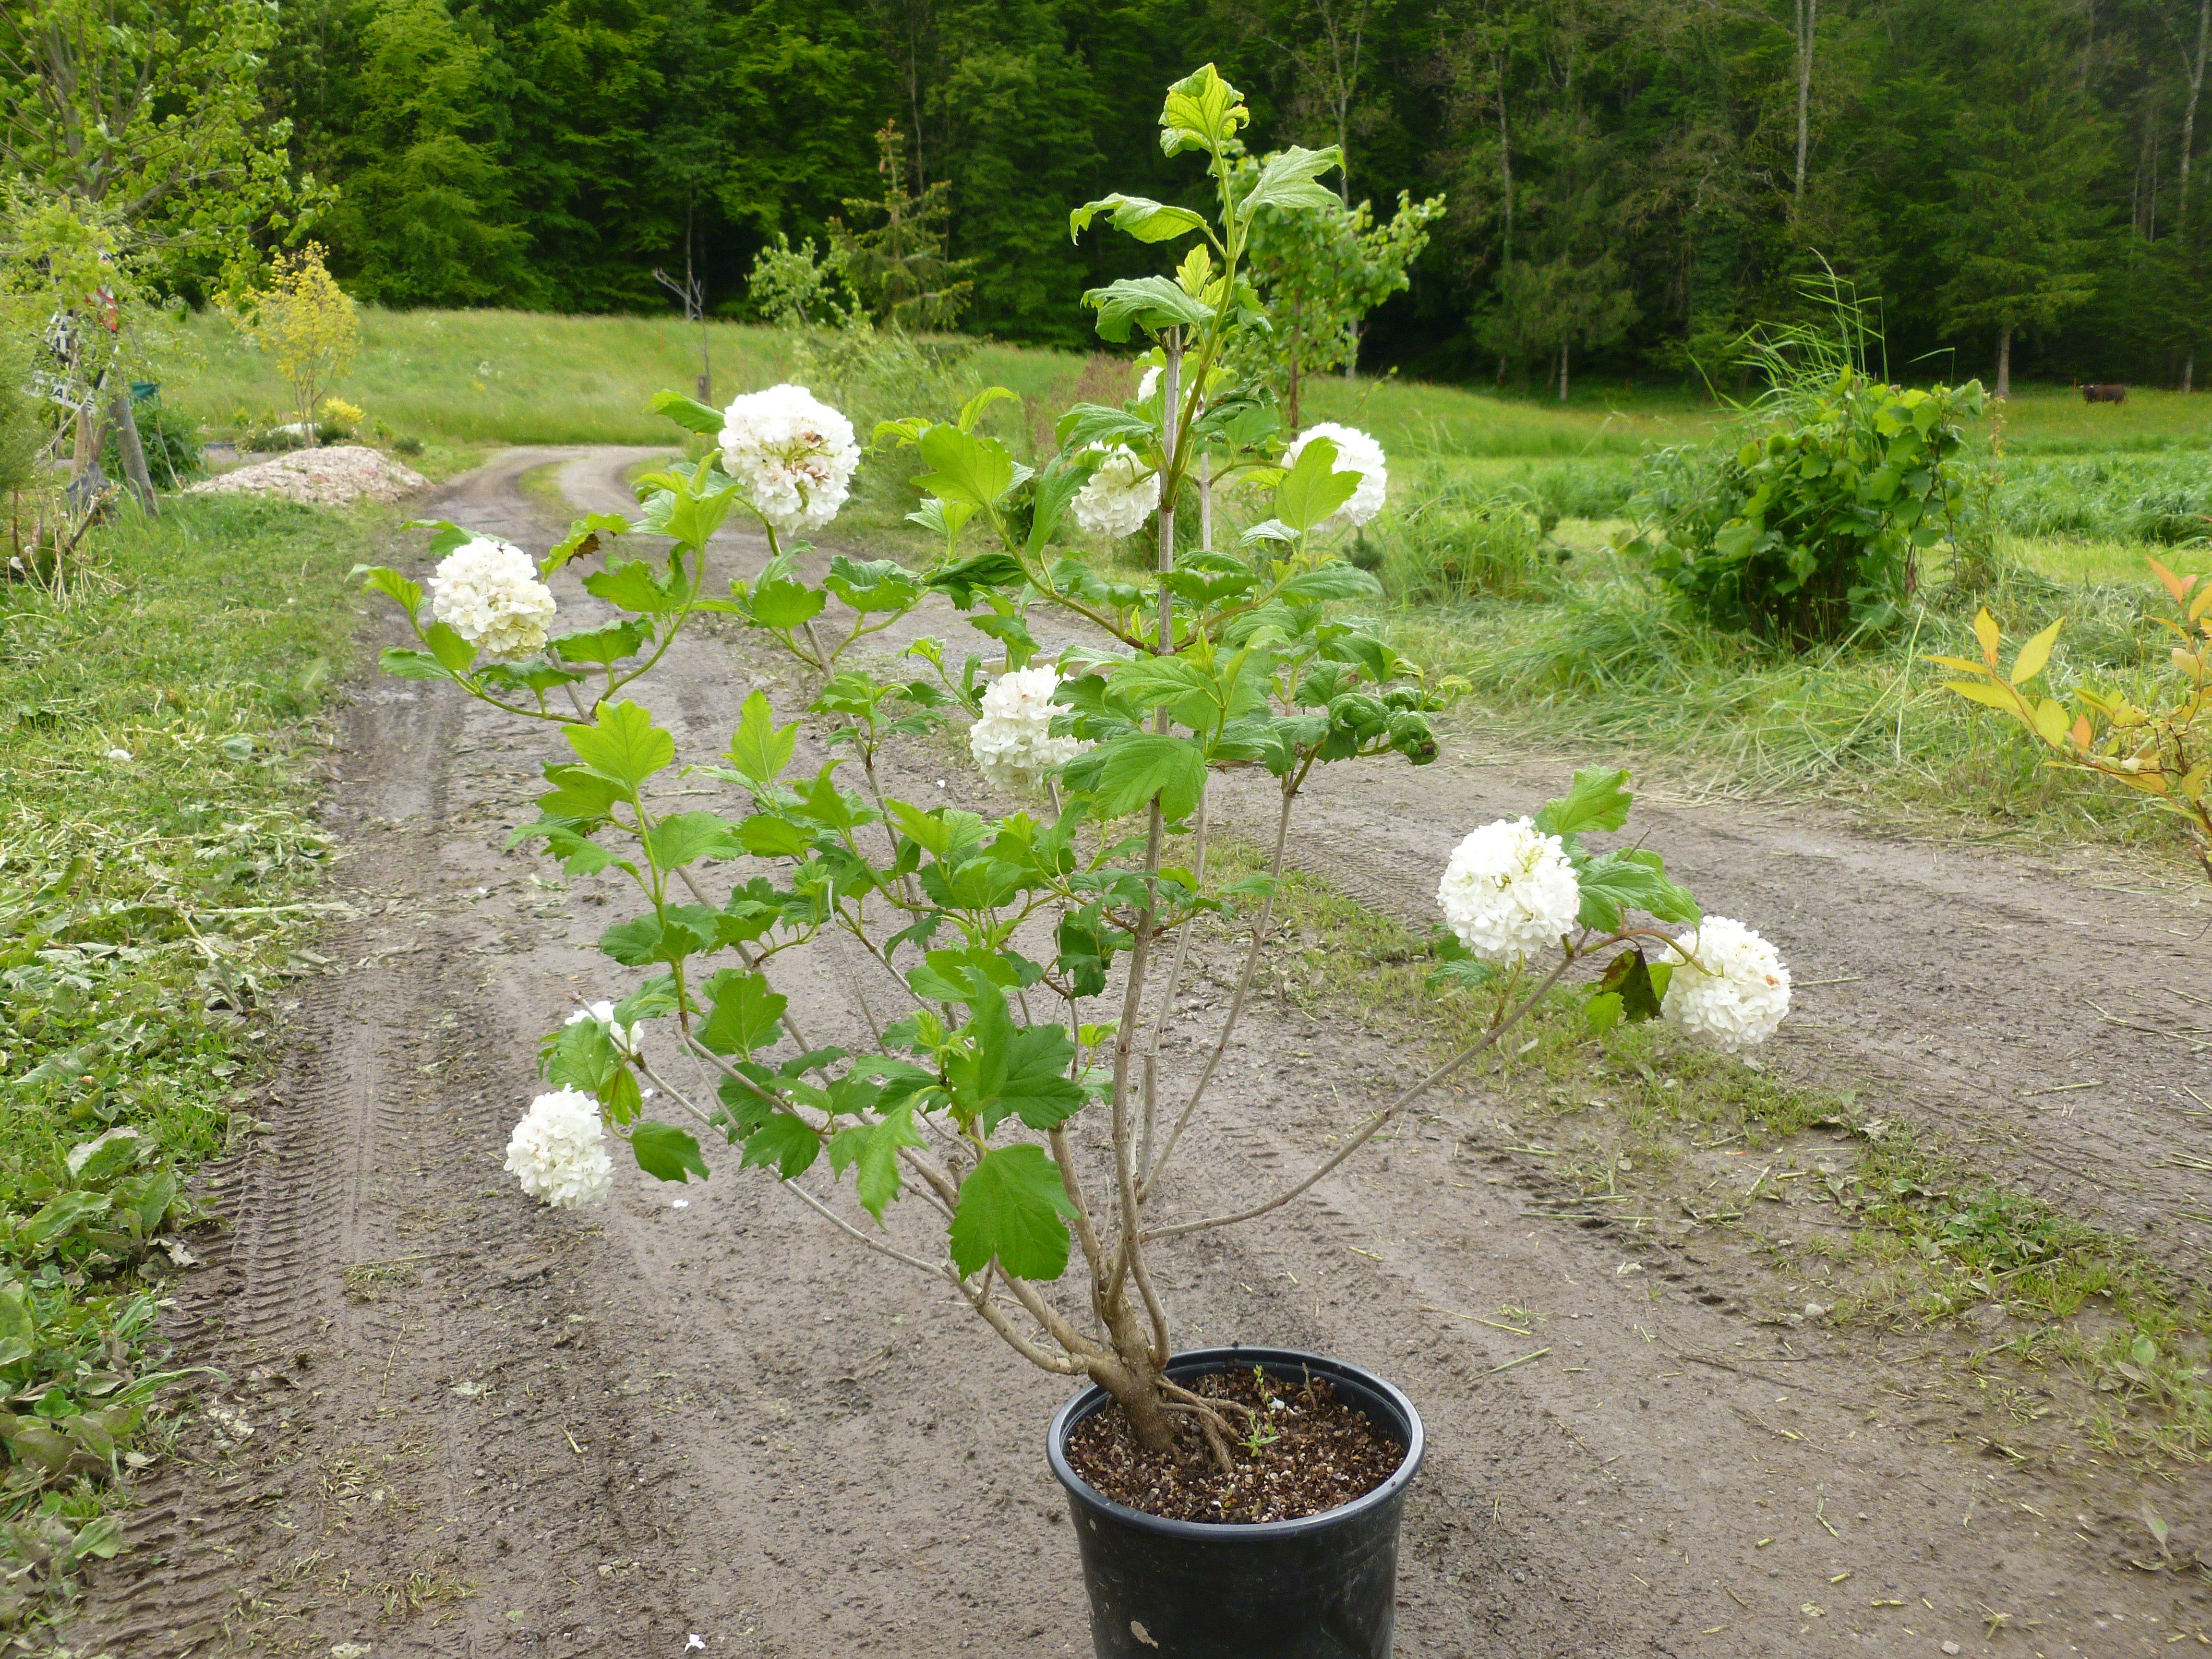 Viorne boule de neige roseum arbustes shop en ligne - Boule de neige plante ...